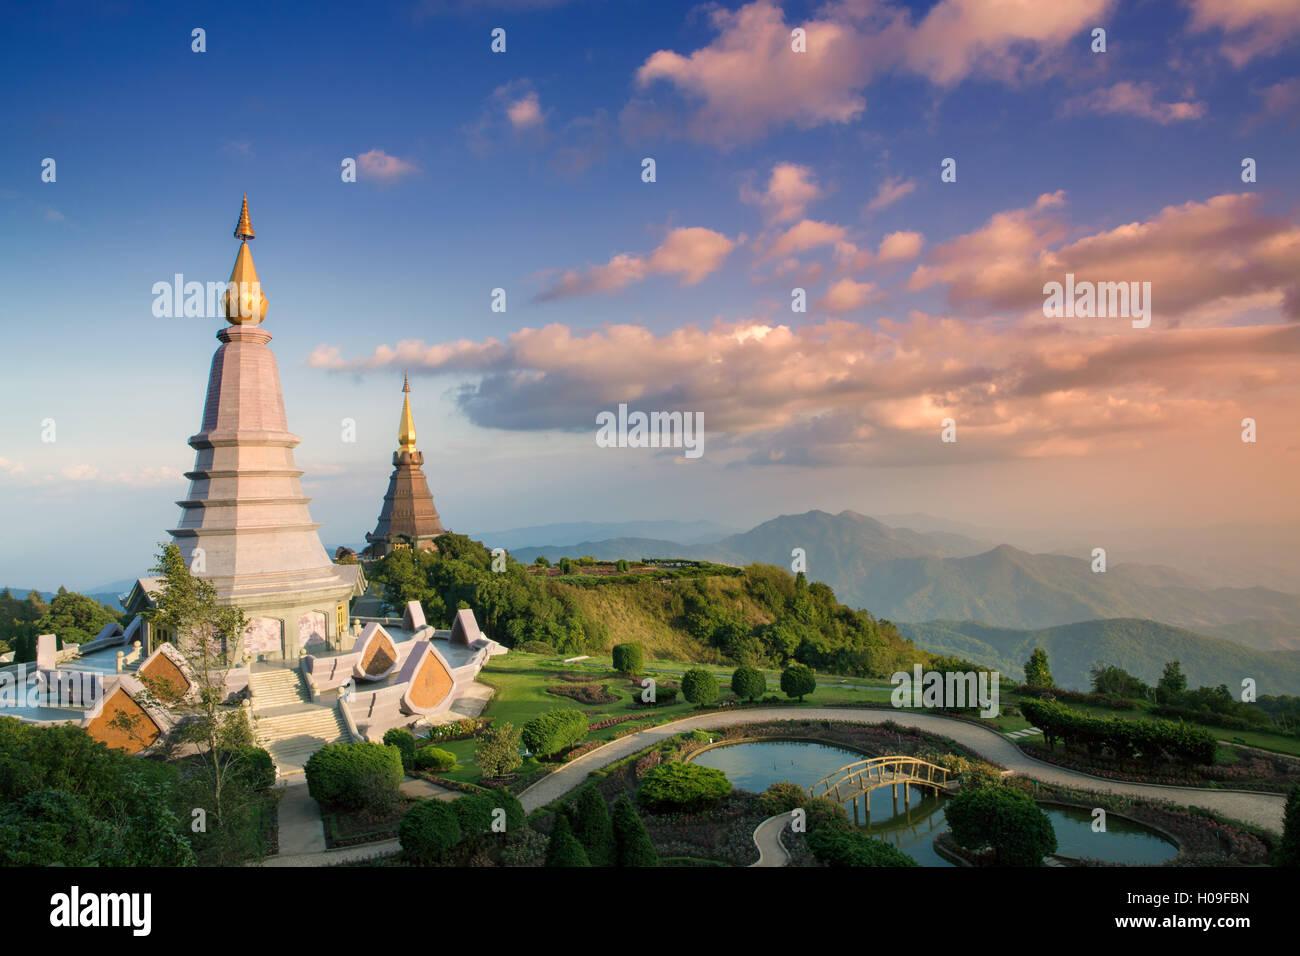 Des temples à Doi Inthanon, le plus haut sommet de la Thaïlande, la province de Chiang Mai, Thaïlande, Photo Stock